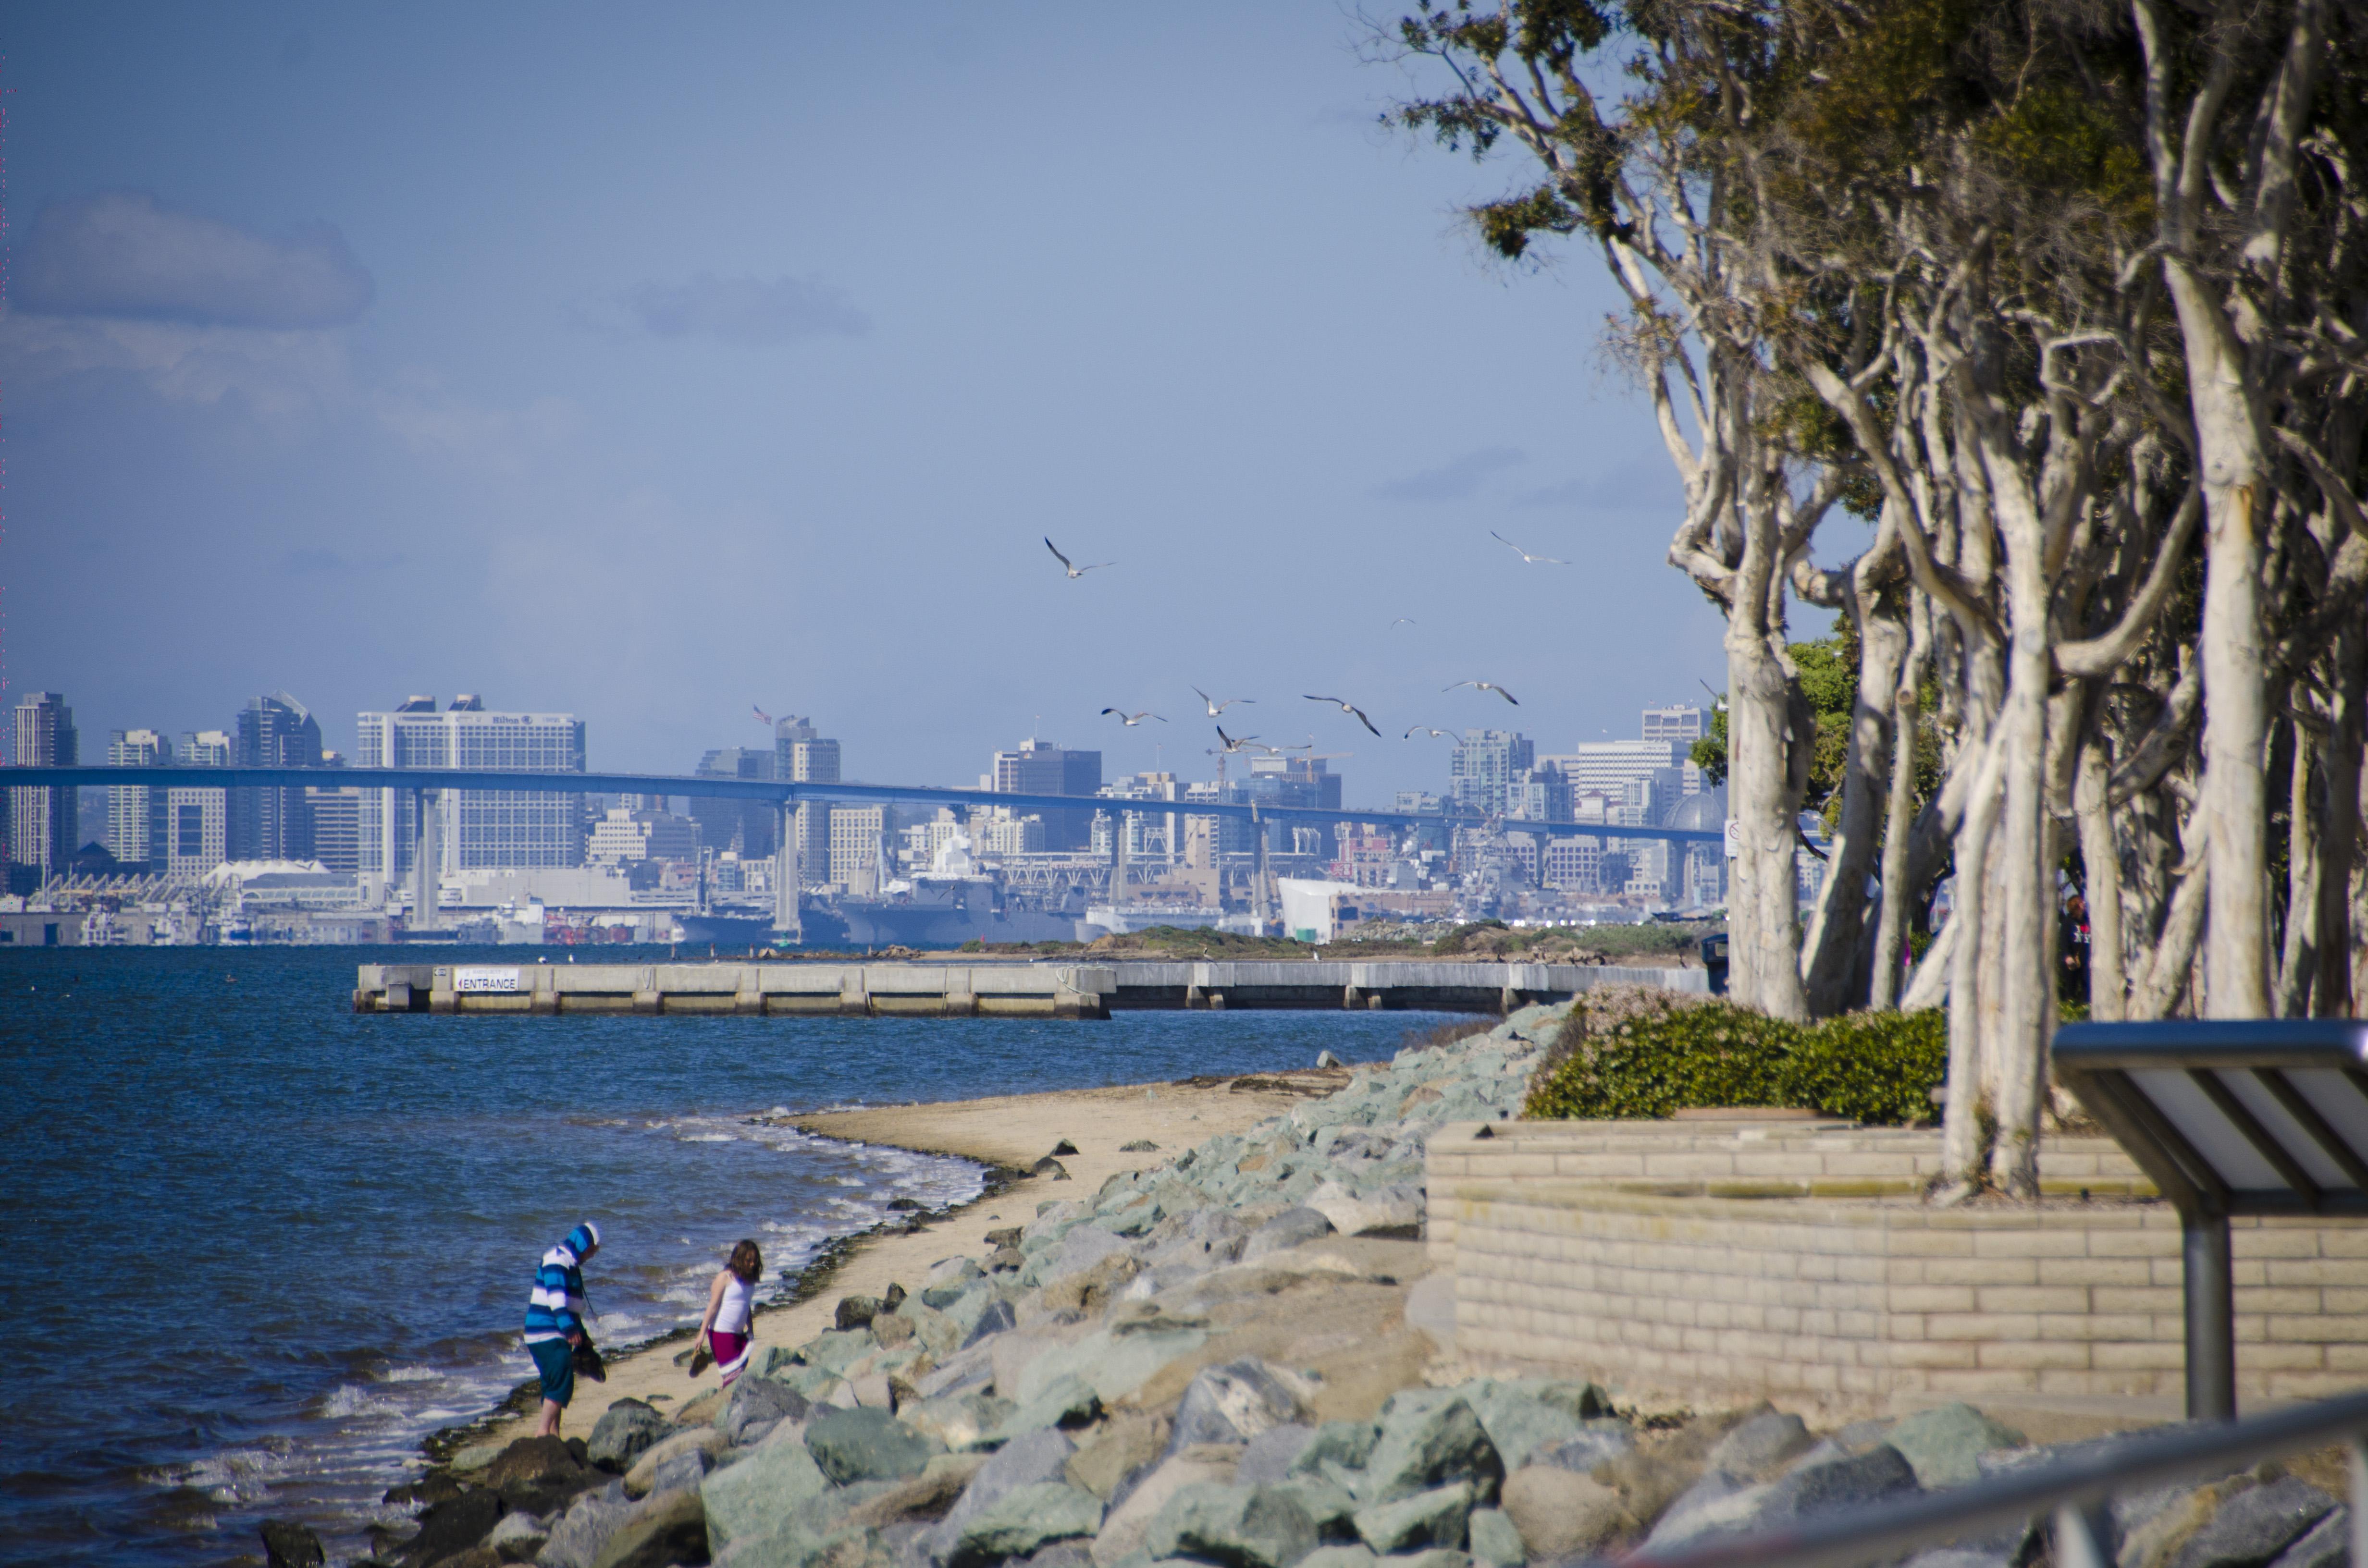 Chula Vista Bayfront Project Port Of